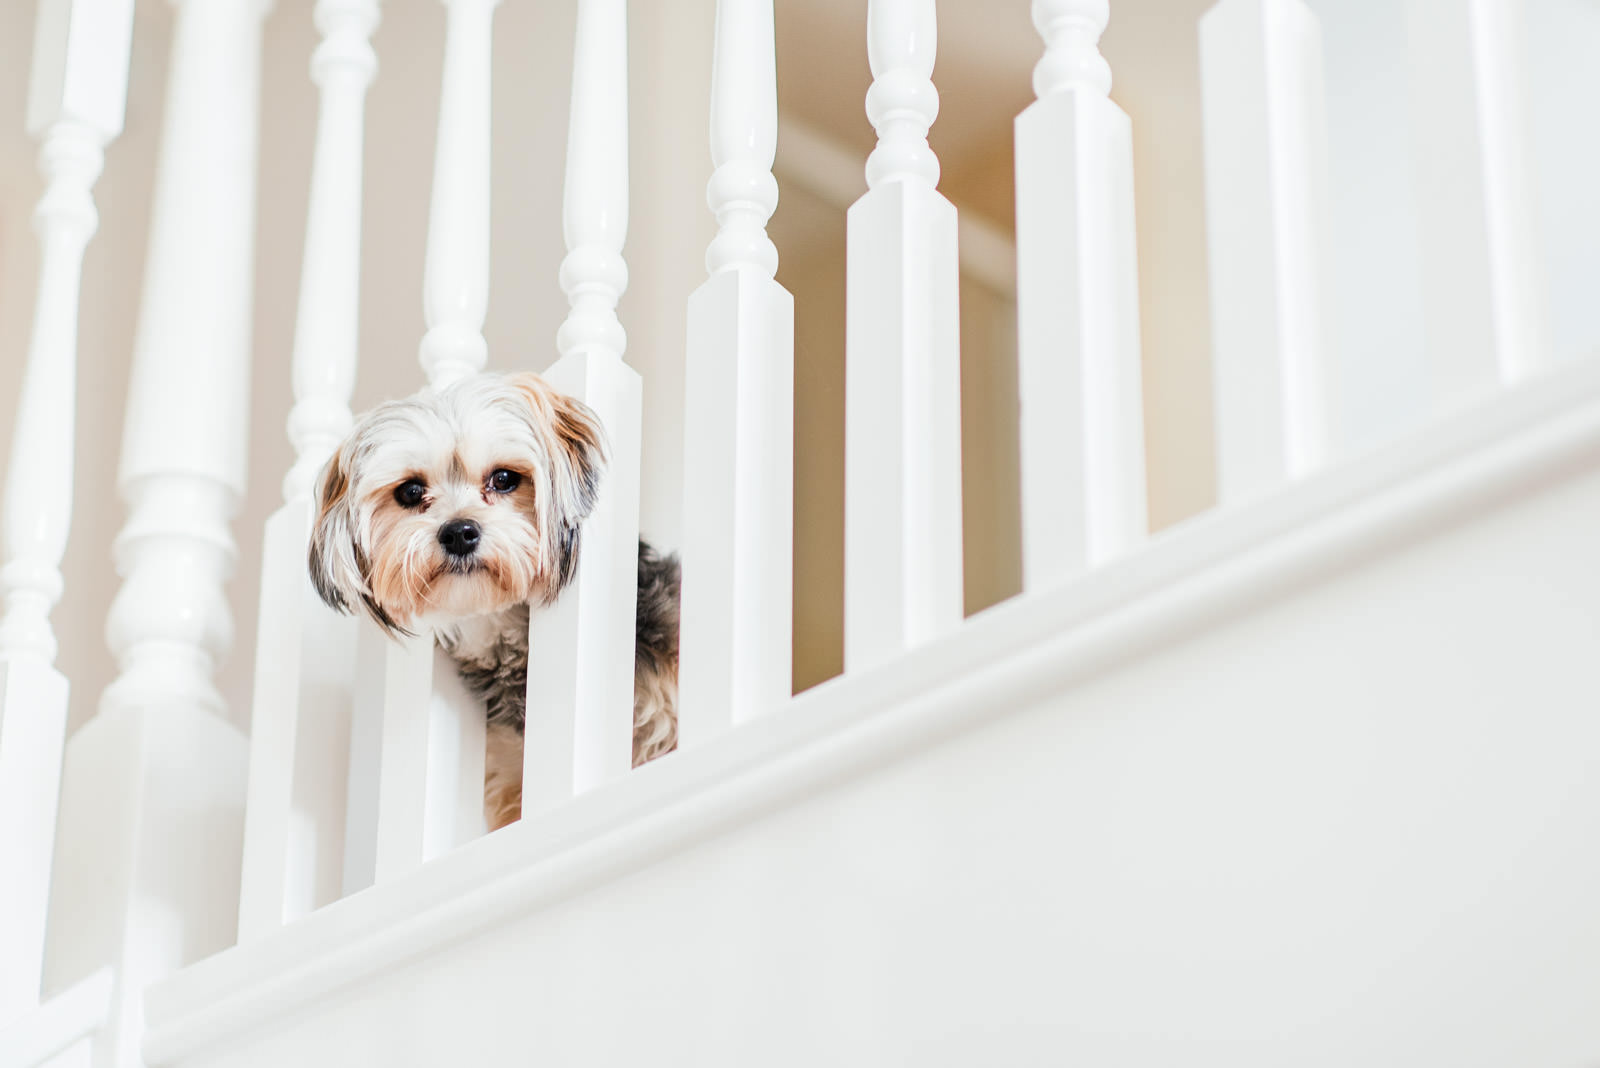 Onlooking Dog